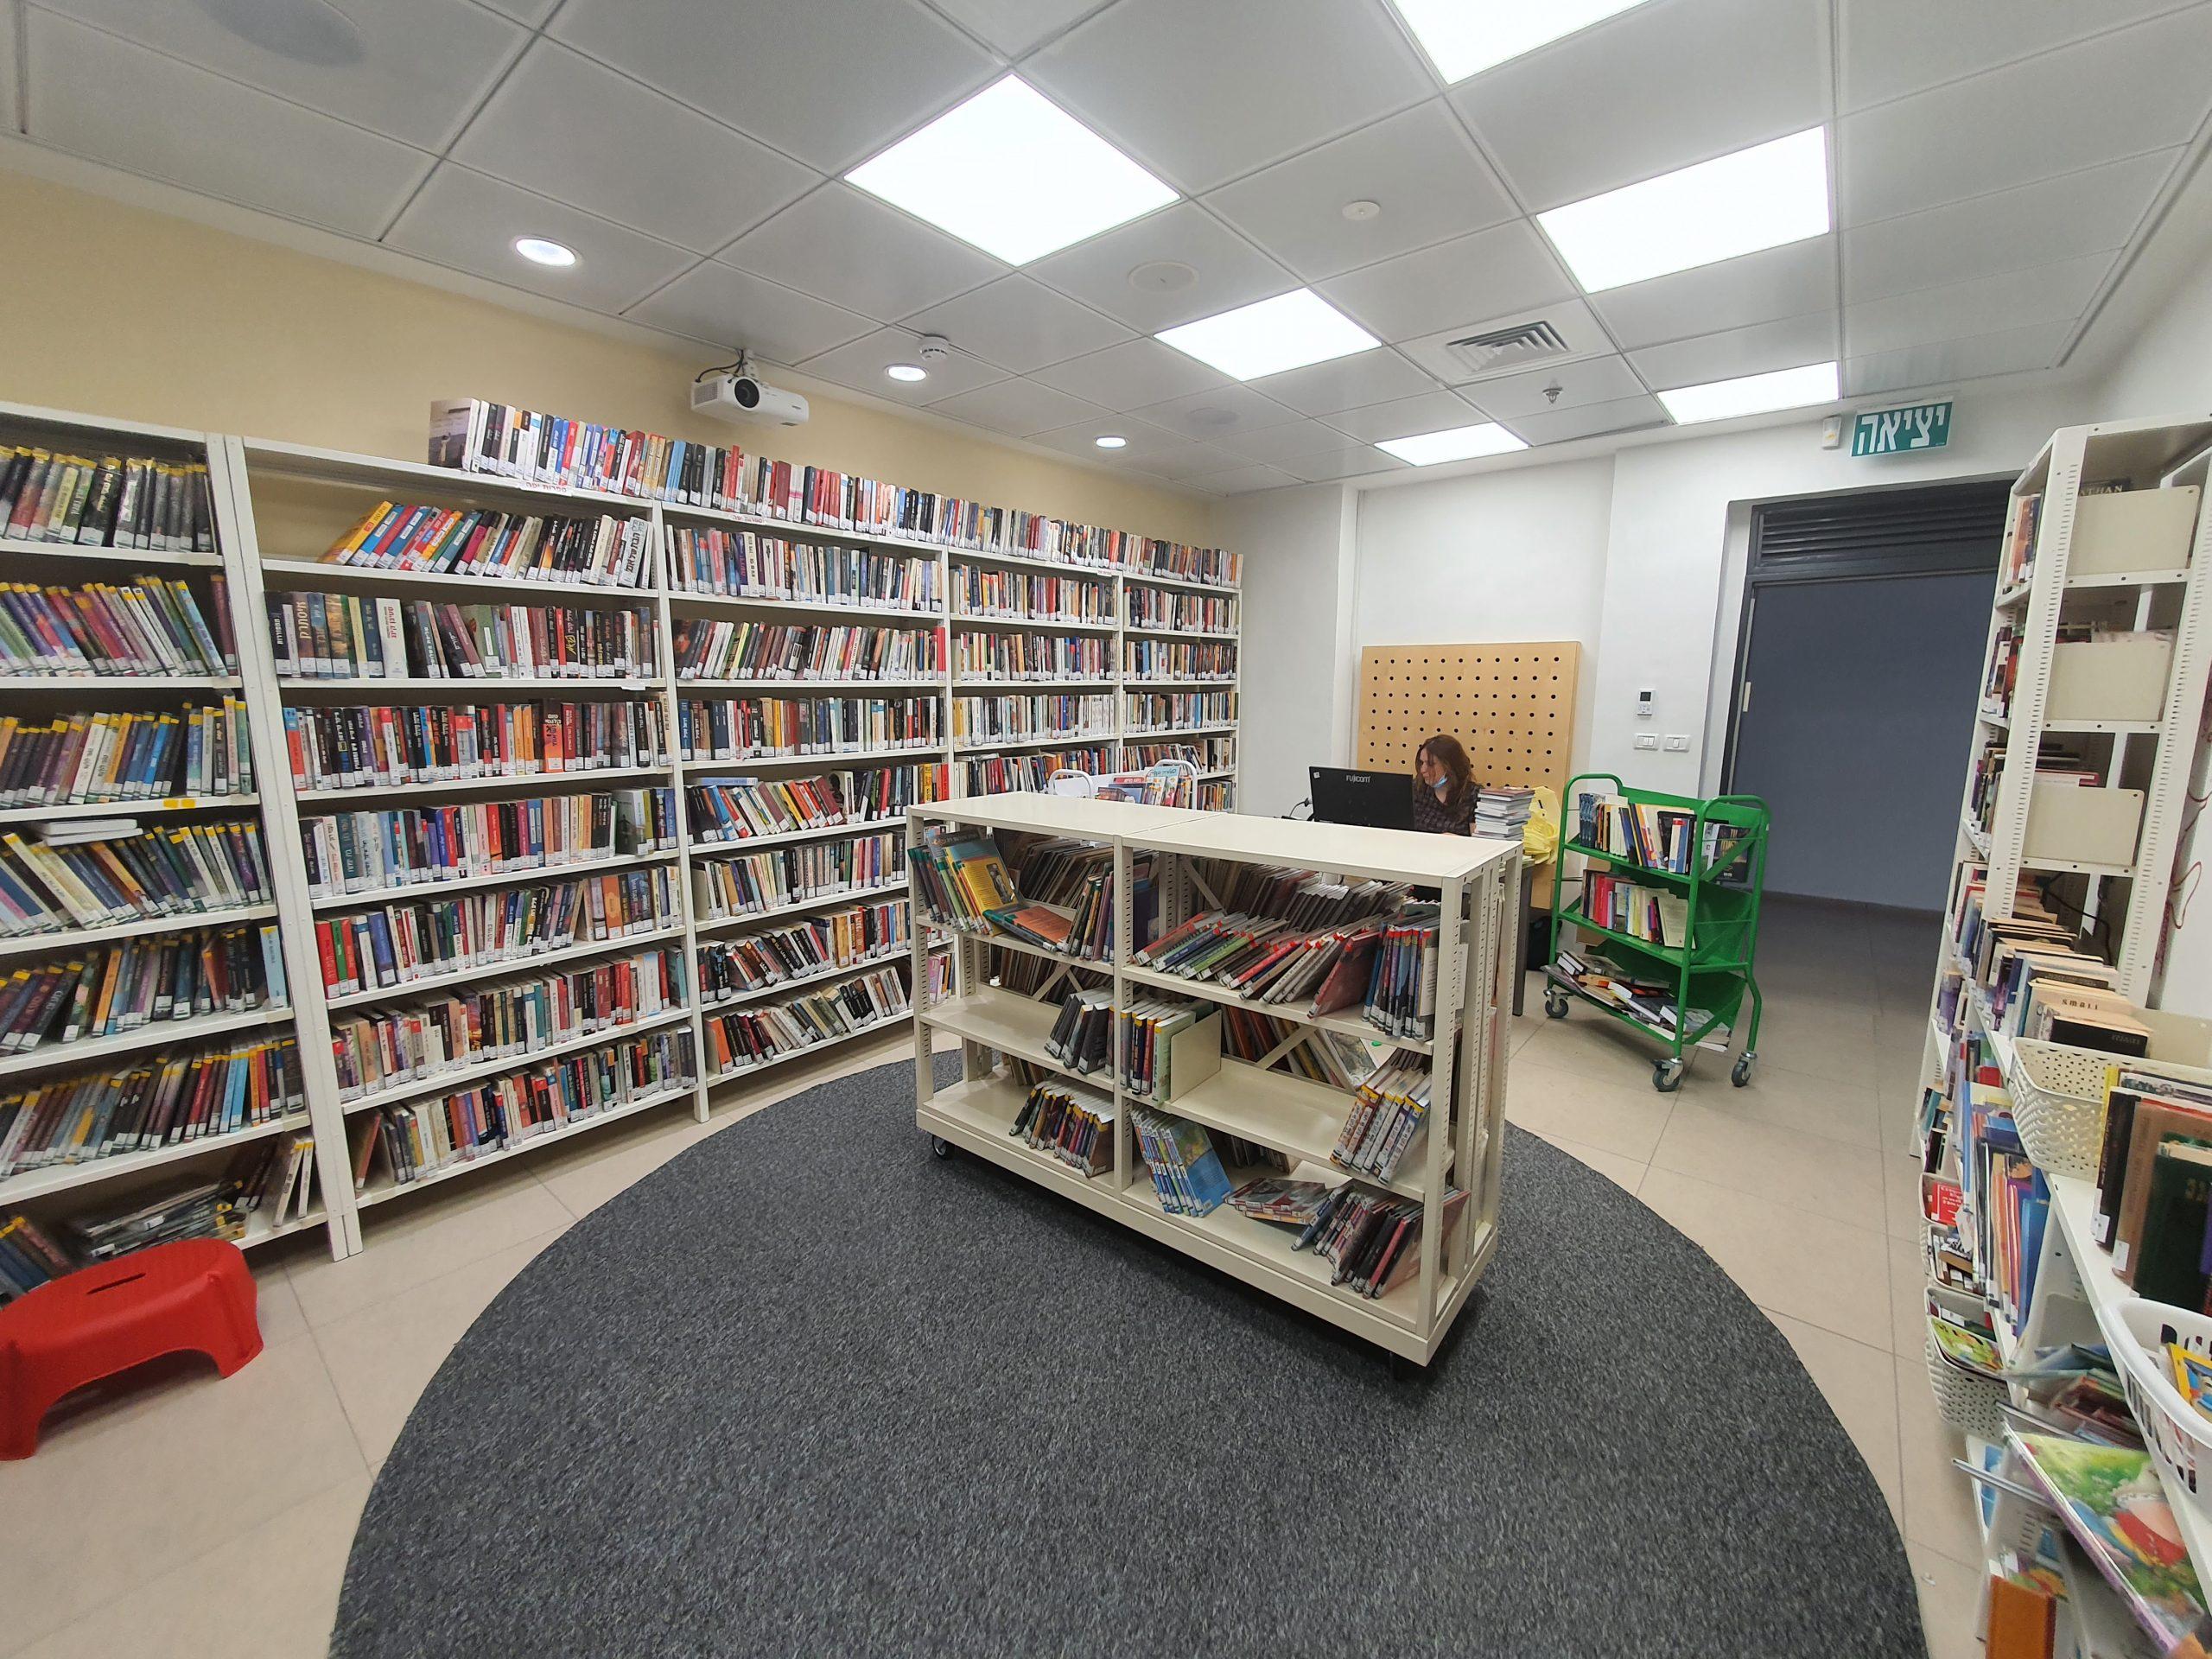 הספרייה העירונית חריש. צילום עיריית חריש